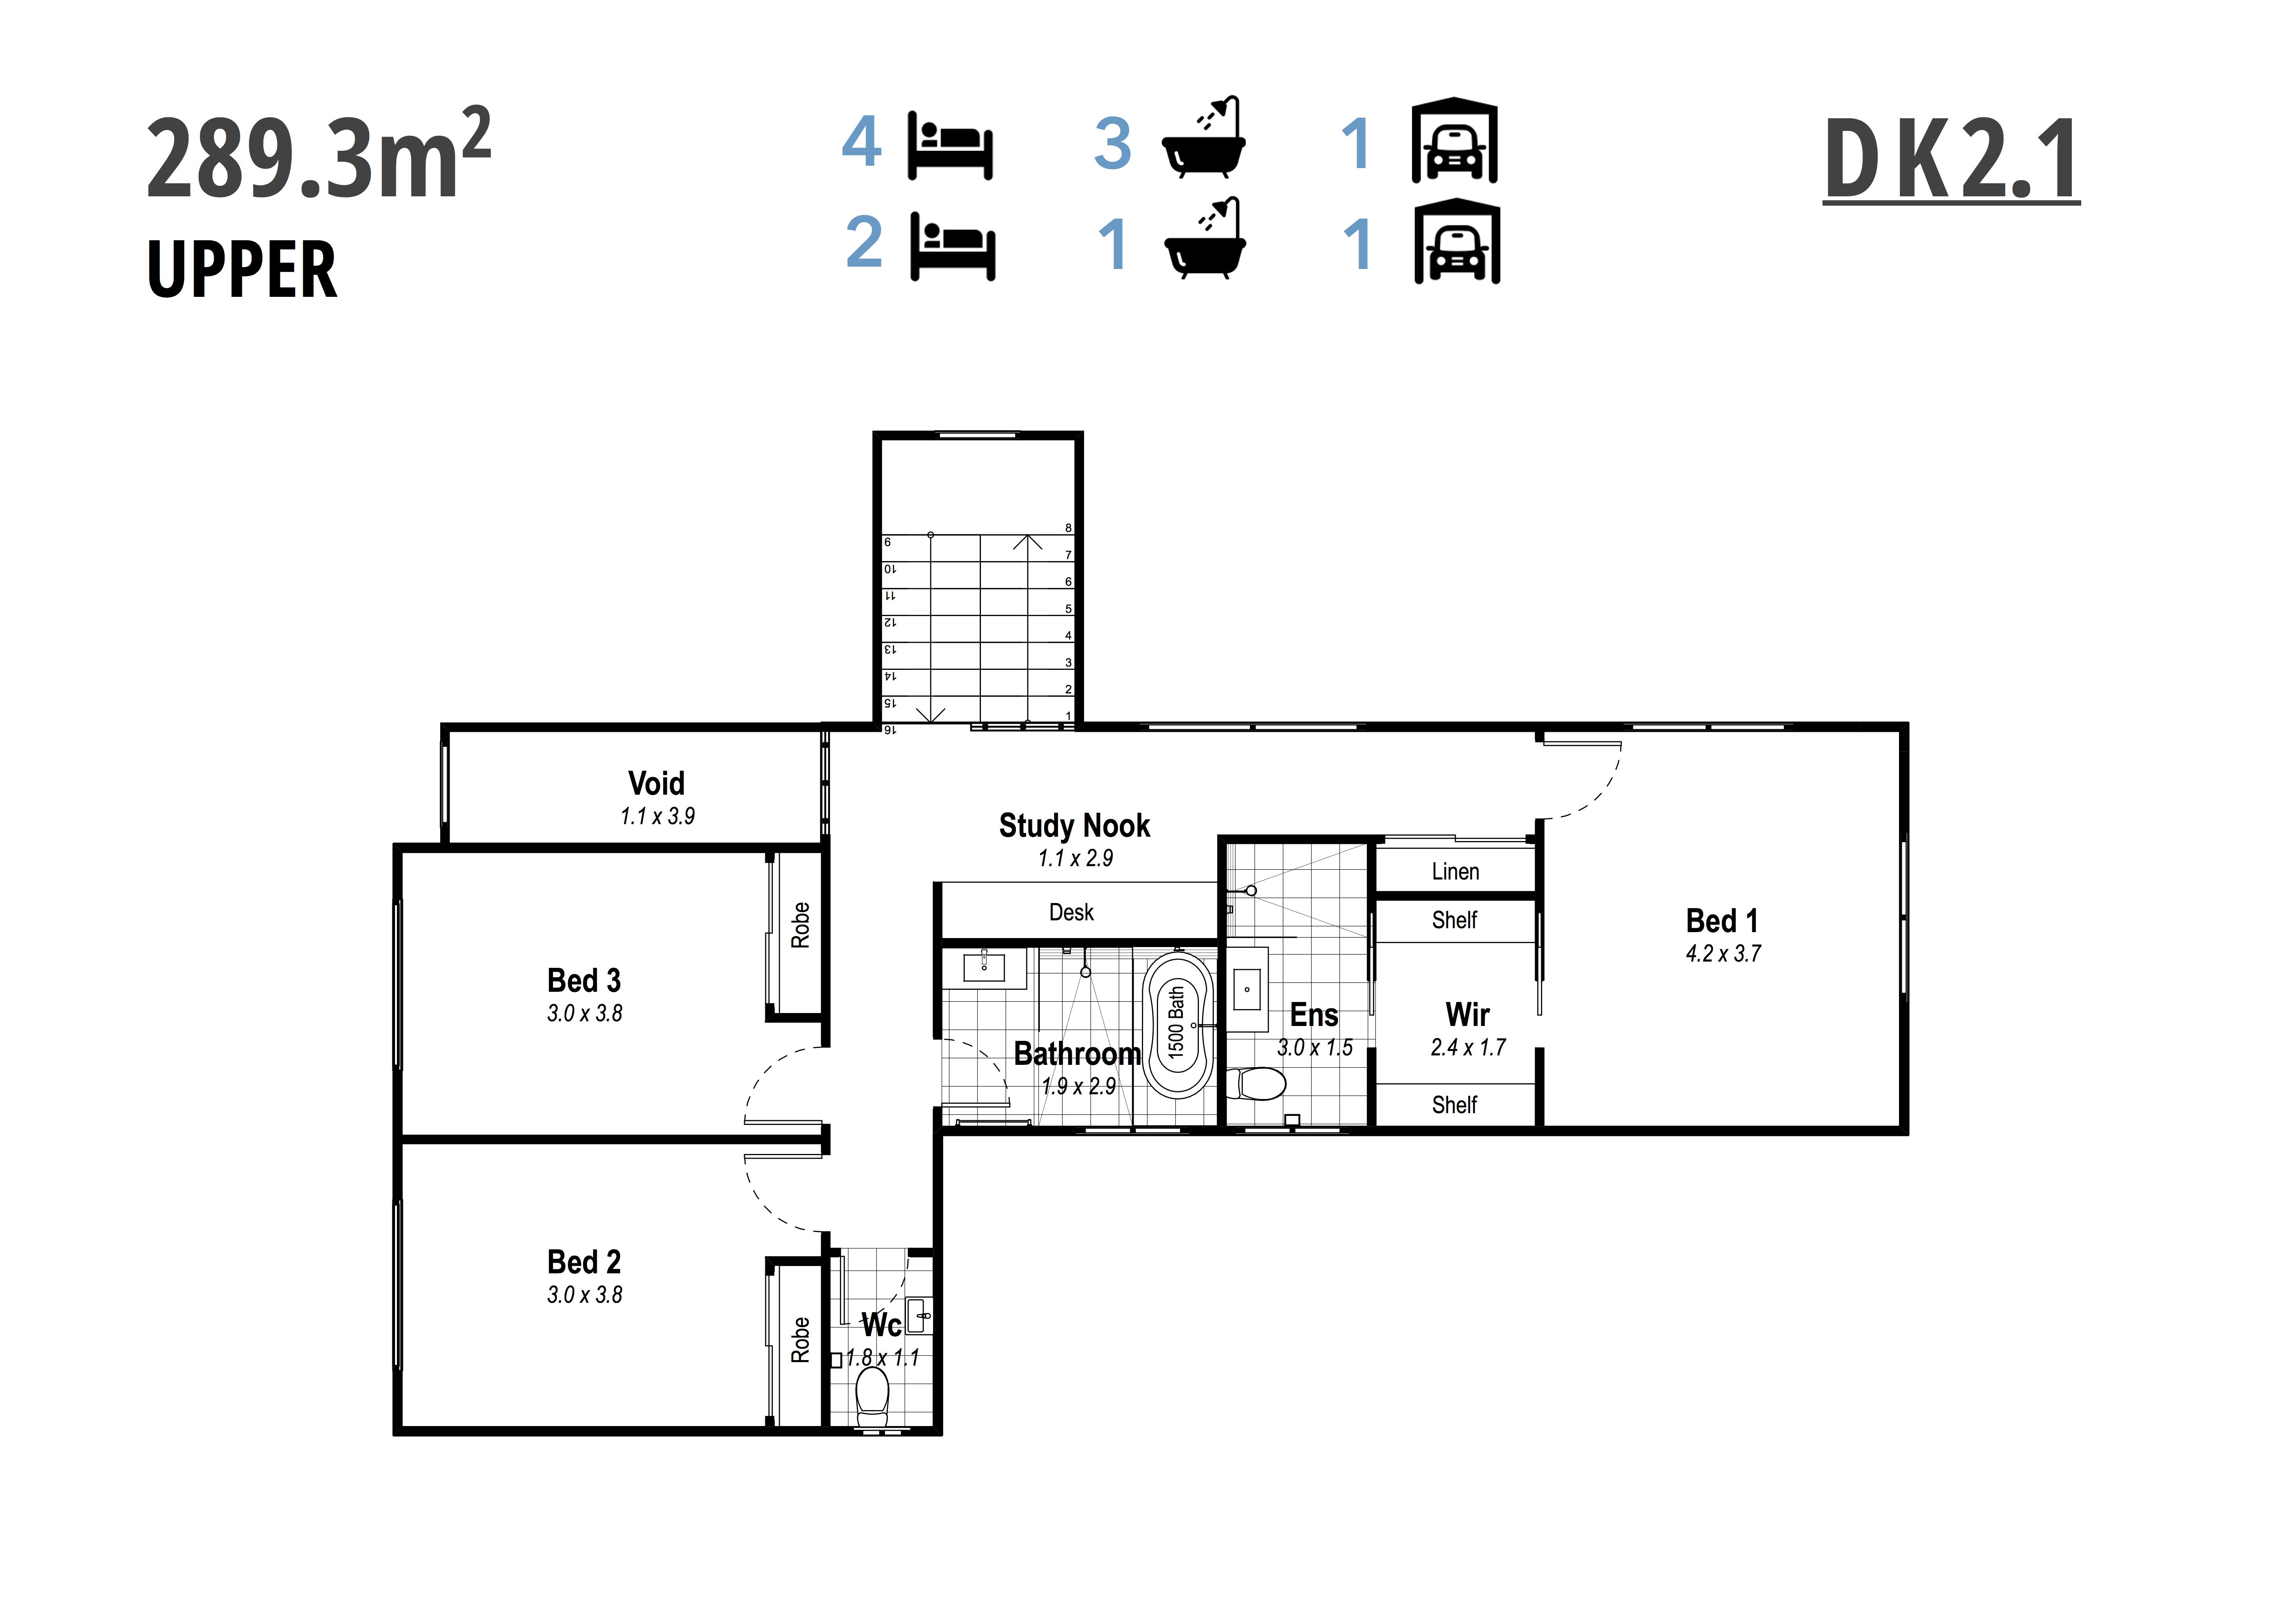 DK2.1 Upper